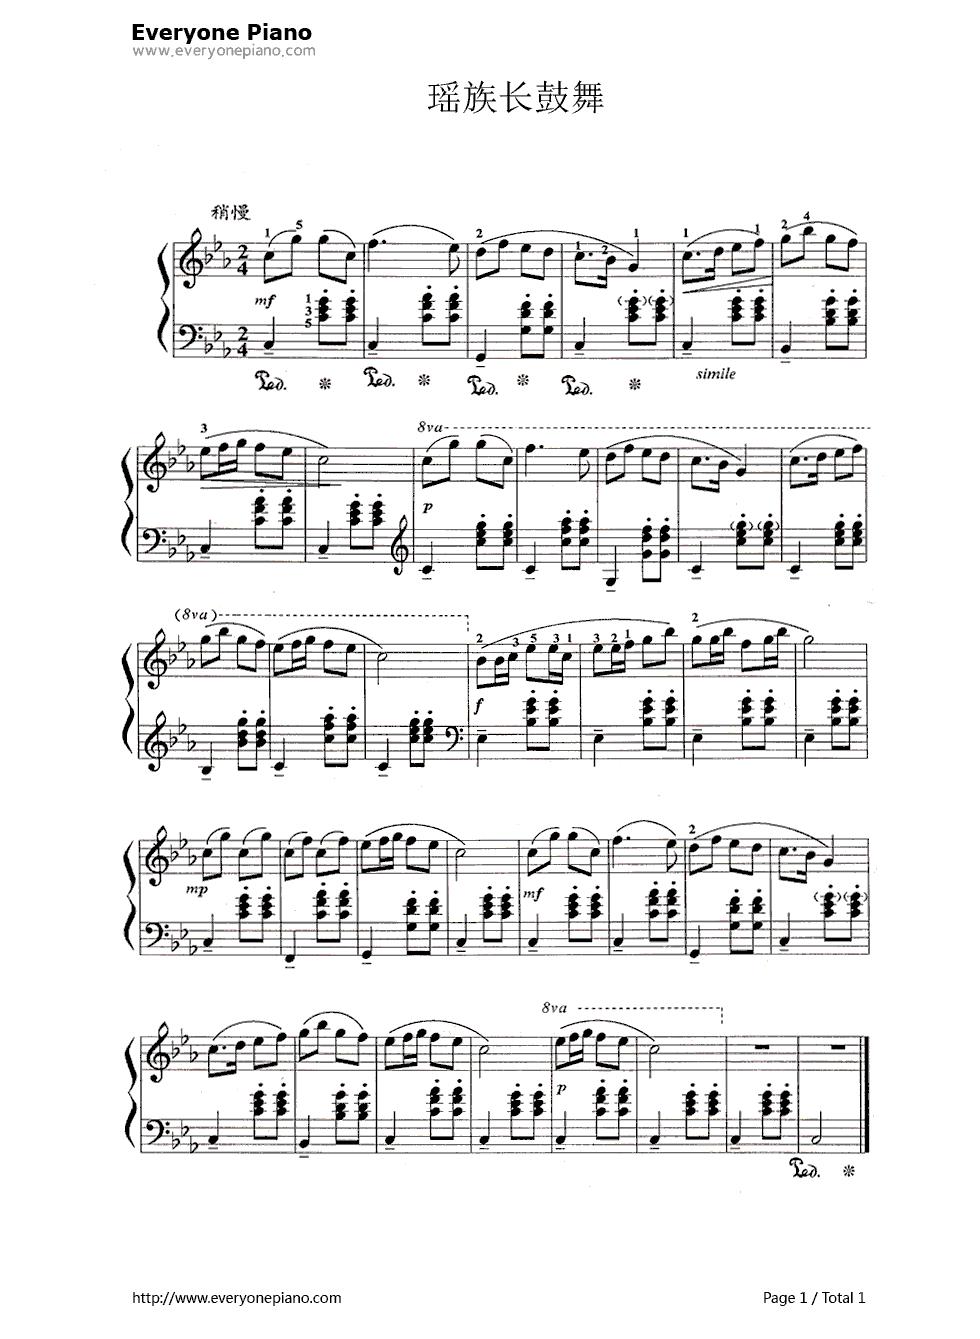 《瑶族长鼓舞》钢琴曲的左手指法简谱!图片